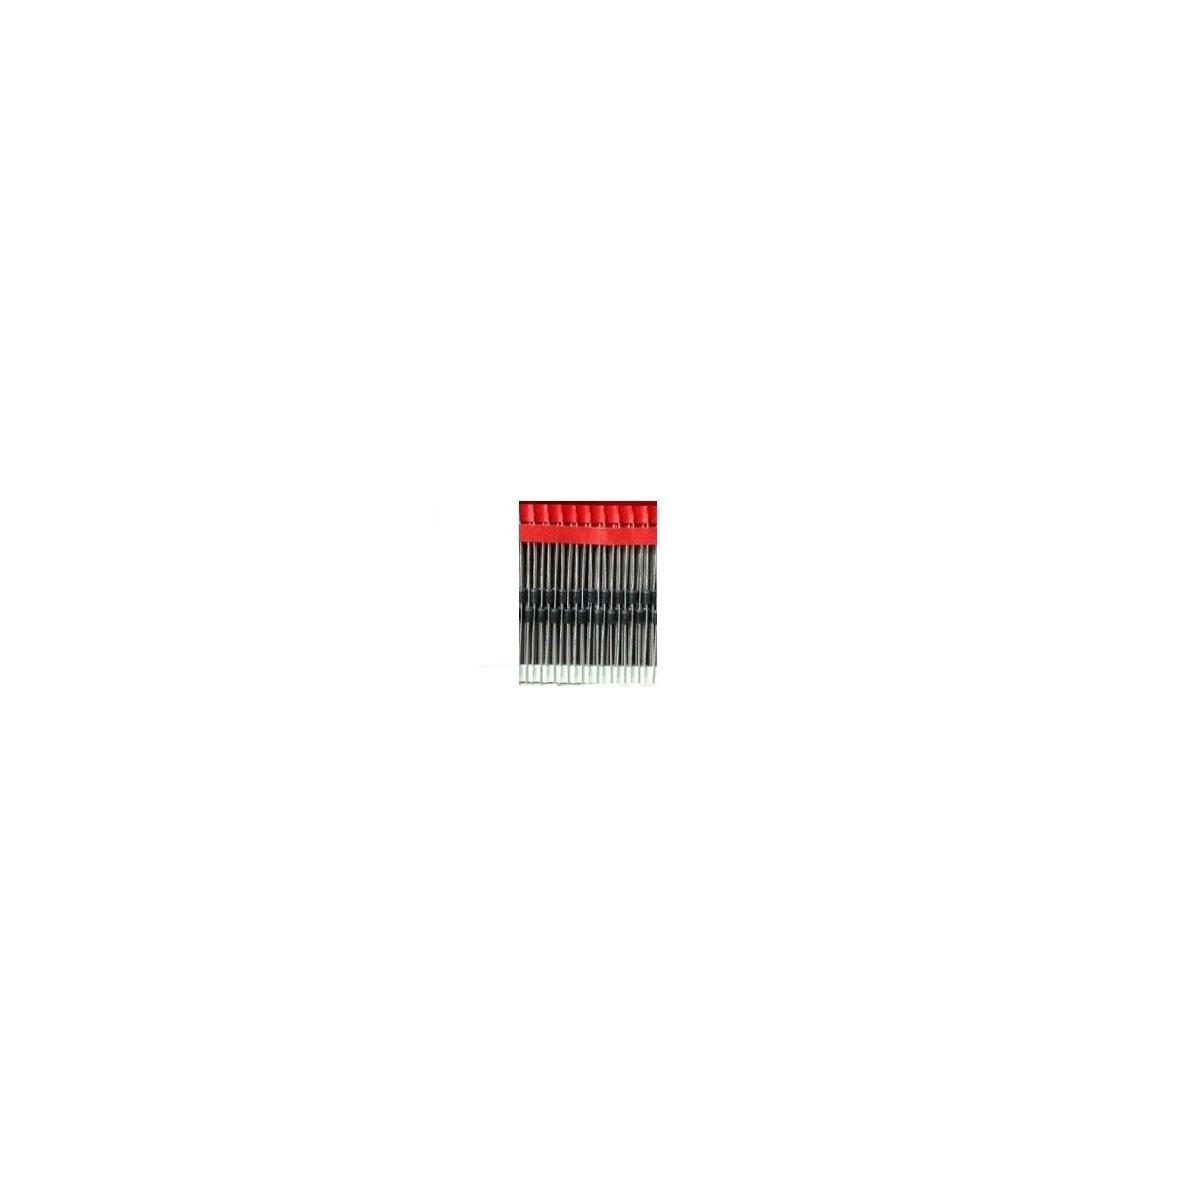 ZENNER 5W-1N 5347 - 10V